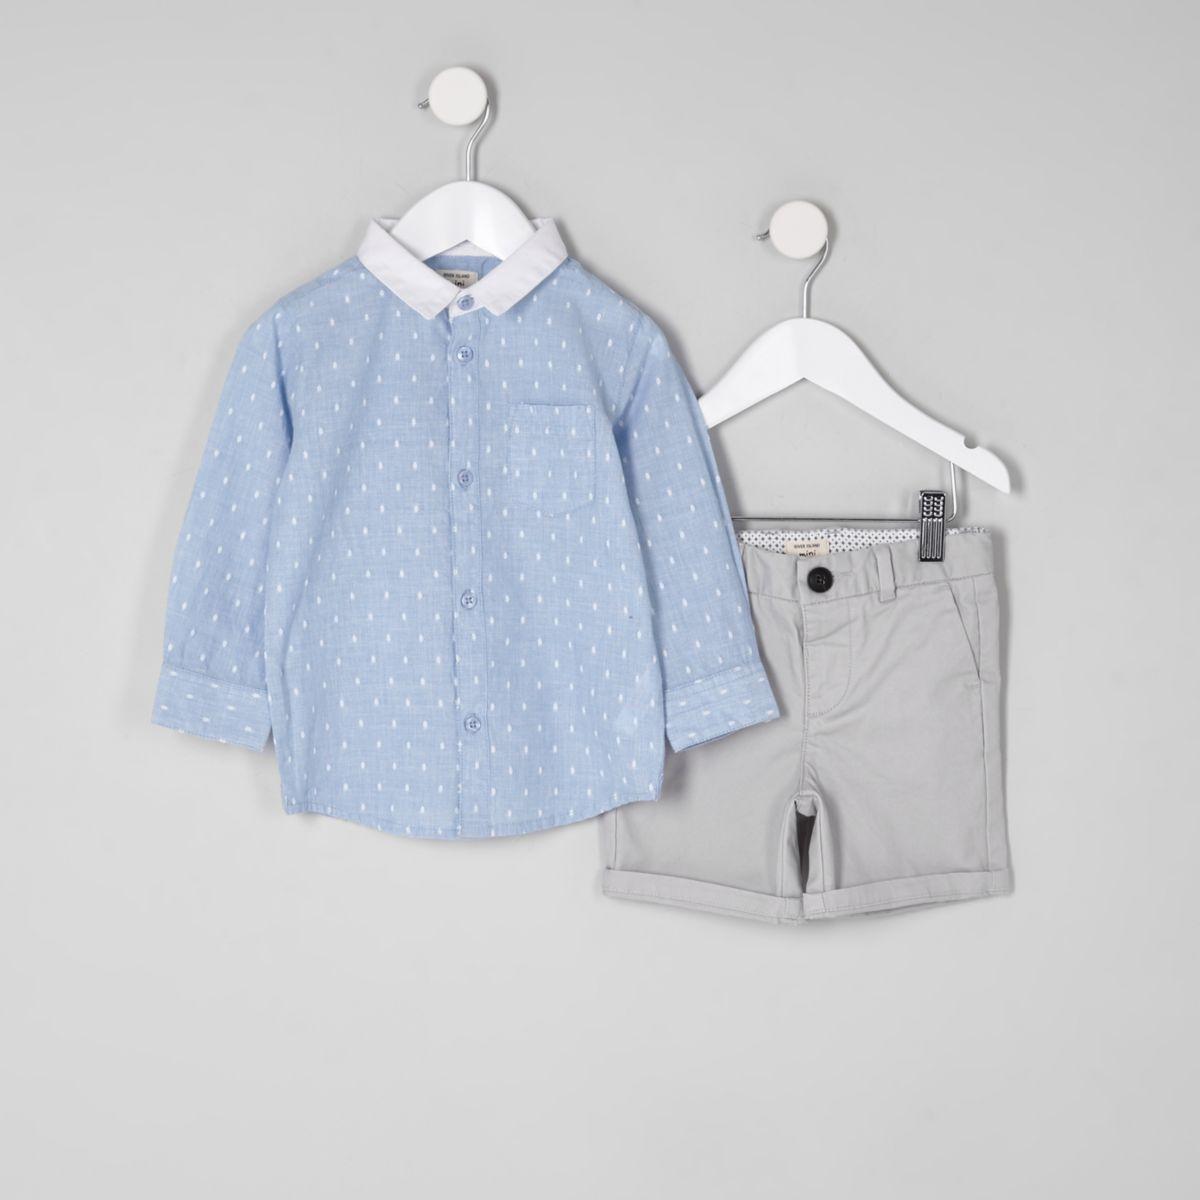 Mini boys blue dobby shirt outfit